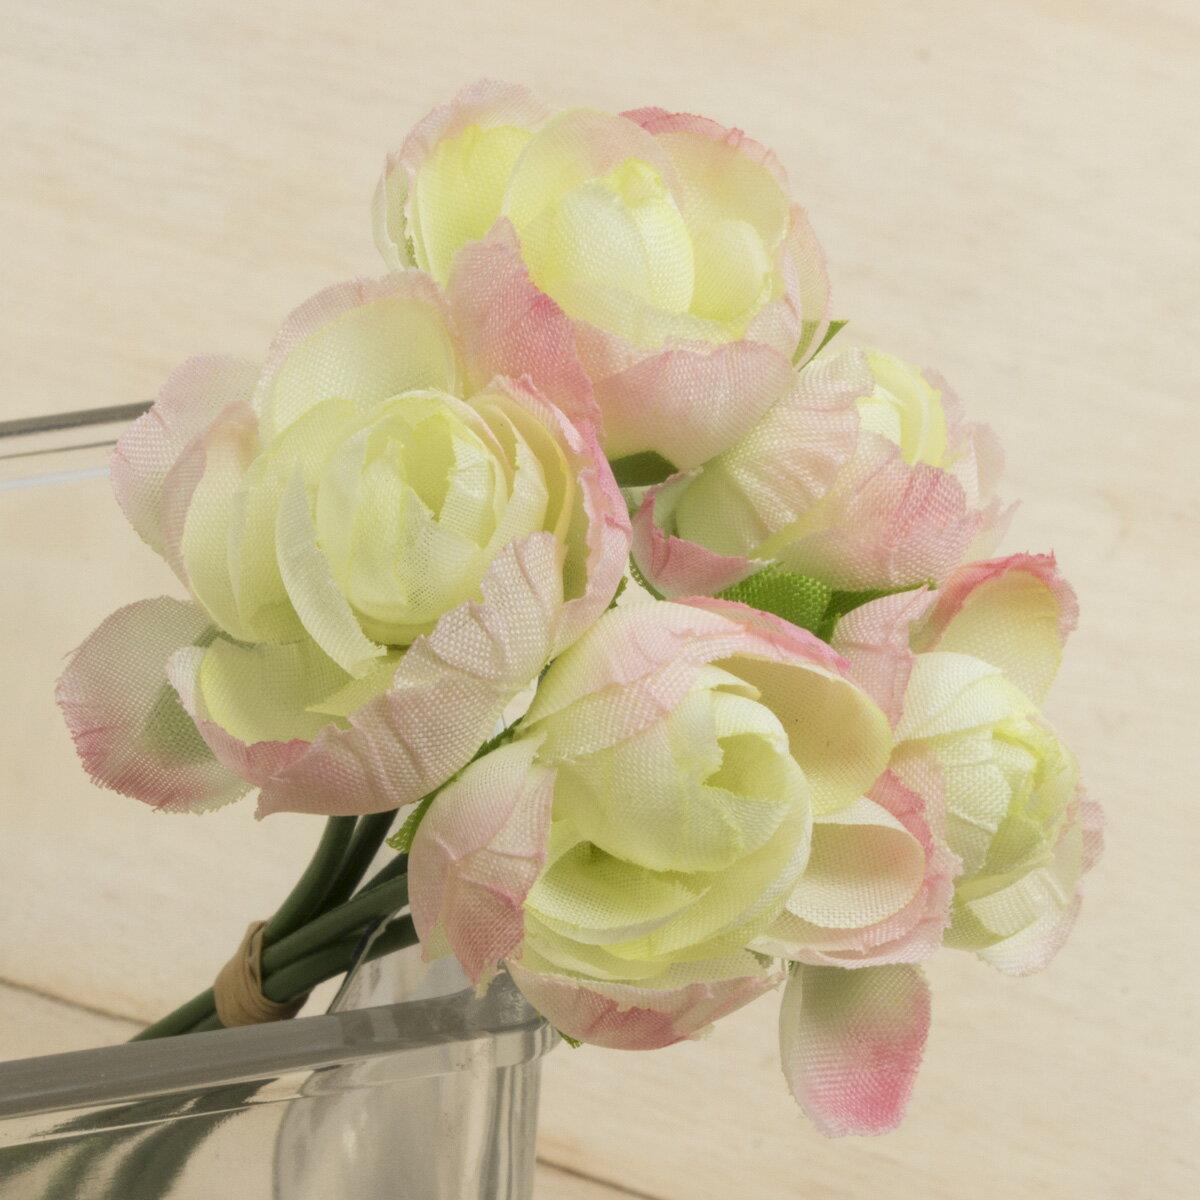 大特価 即日 【造花】YDM/ミニラナンキュラスバンドル ライトピンク/FB2409-L/P《 造花(アーティフィシャルフラワー) 造花 花材「ら行」 ラナンキュラス 》